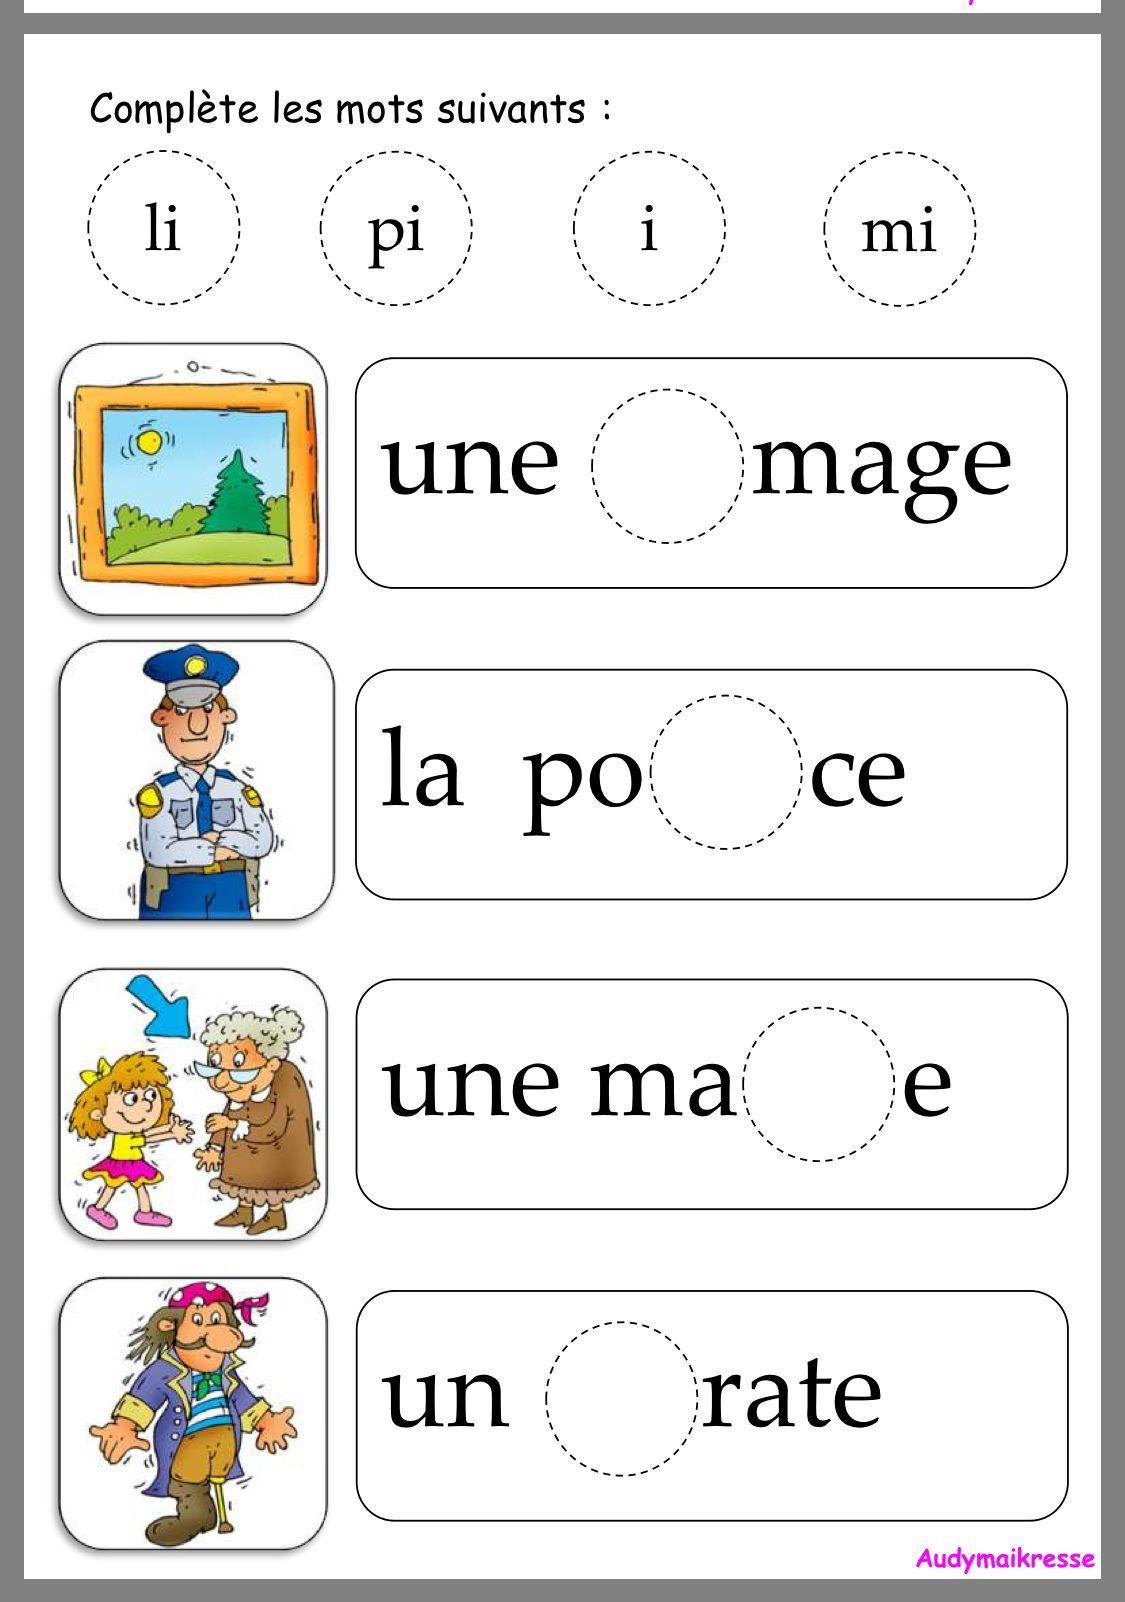 Worksheet Of Verbs For Kids Worksheet Verbs For Kids In